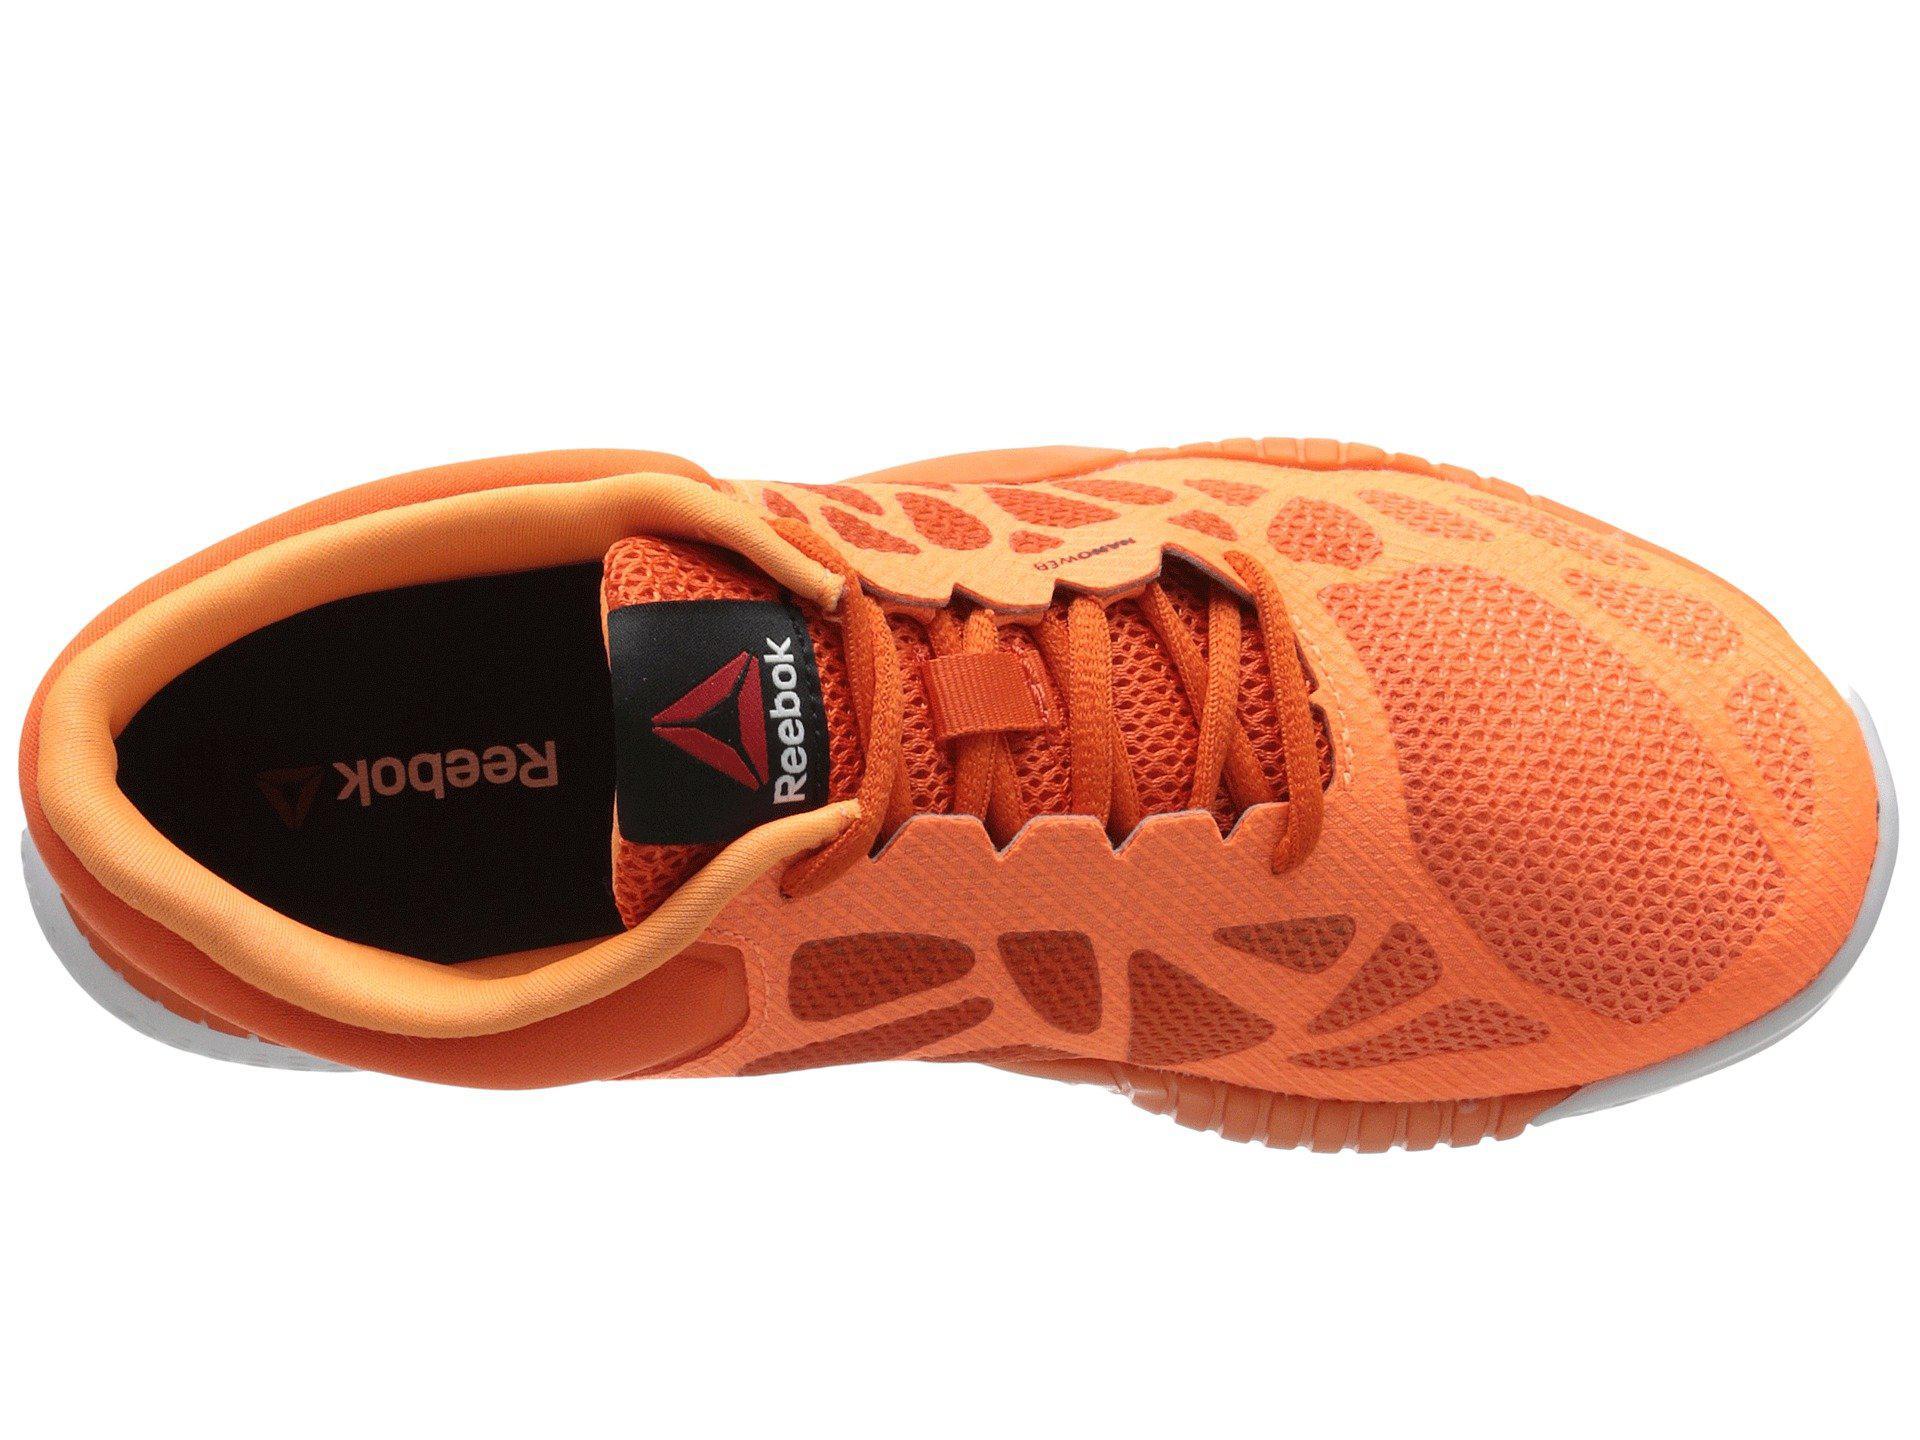 huge discount 092bd f772b Lyst - Reebok Zprint Training Shoe in Orange